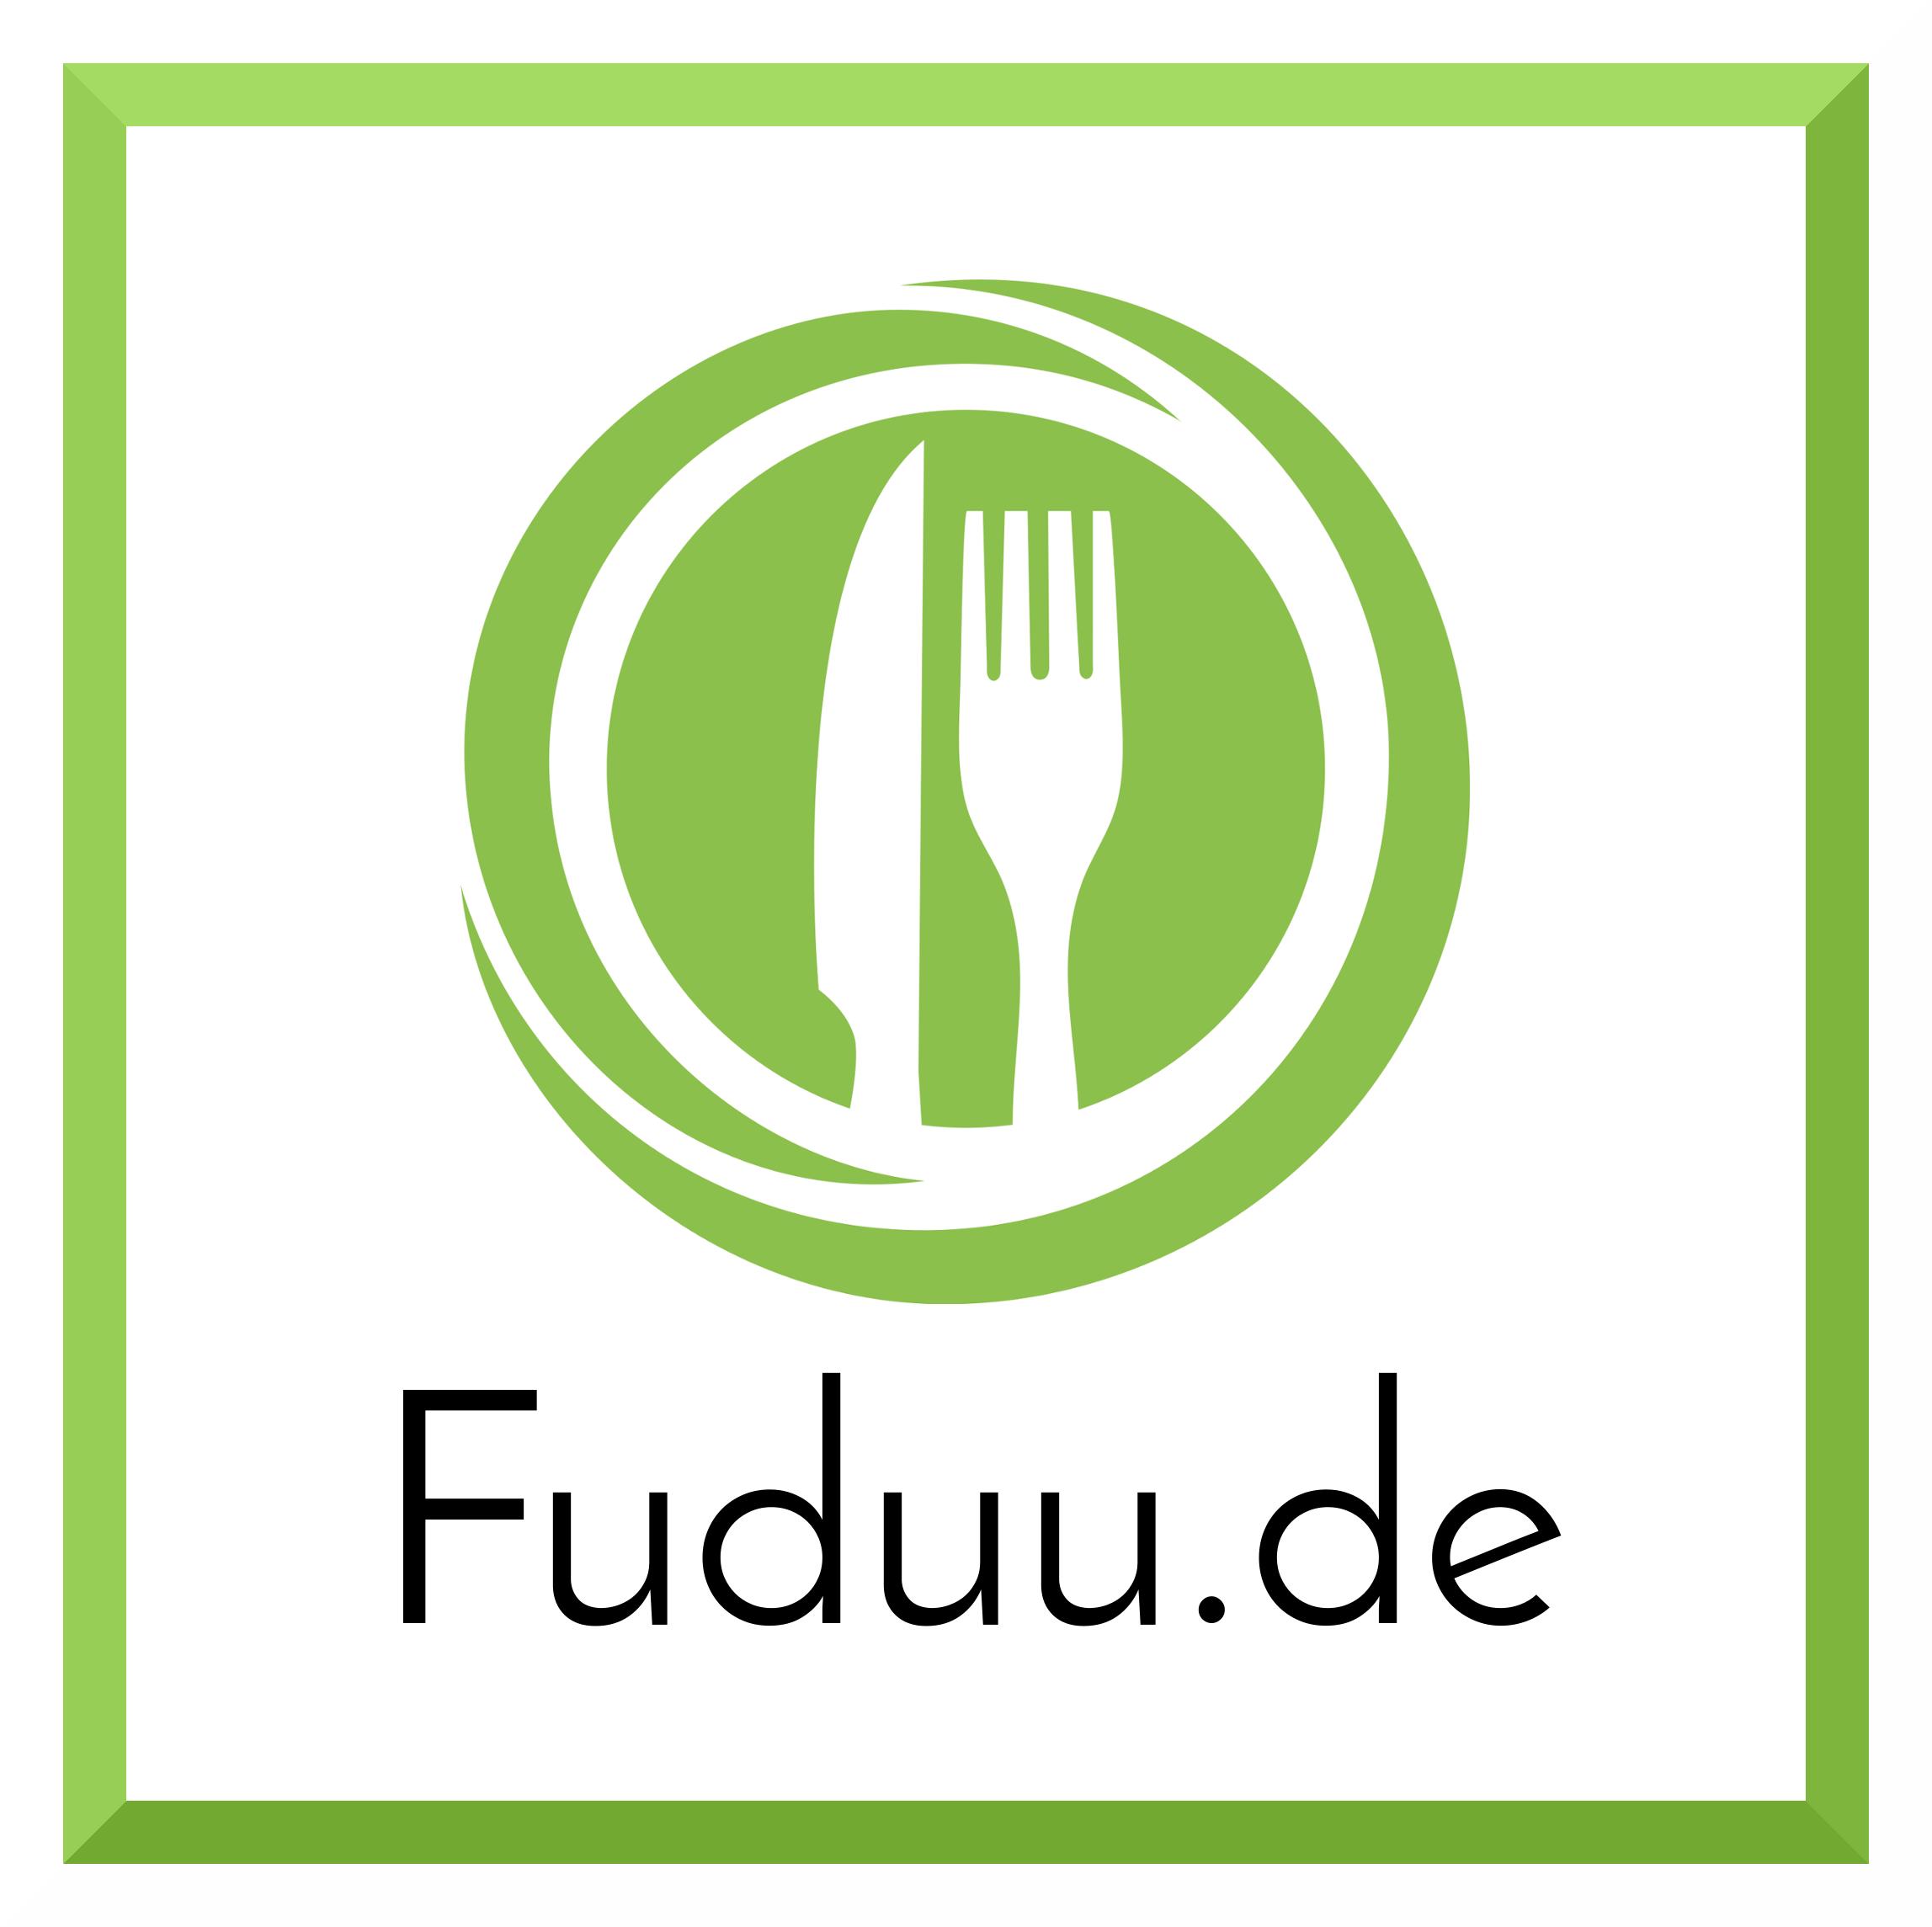 Fuduu neues Design - zur Startseite wechseln